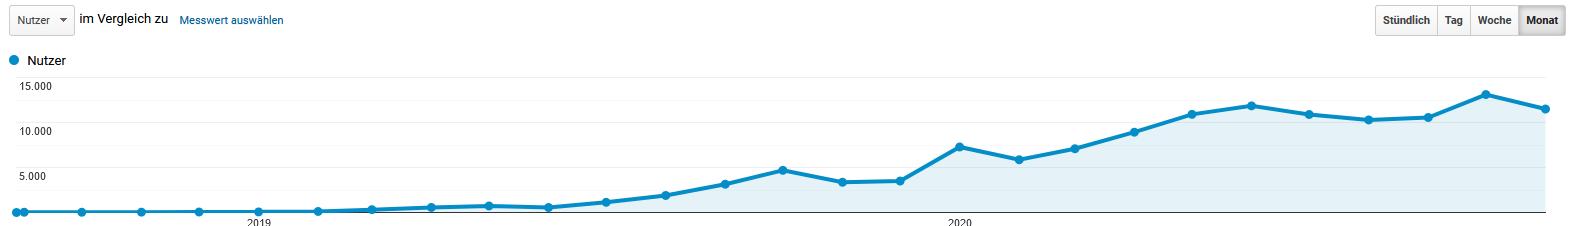 Mit Pinterest konnte ich meine Reichweite schon nach 6 Monaten steigern